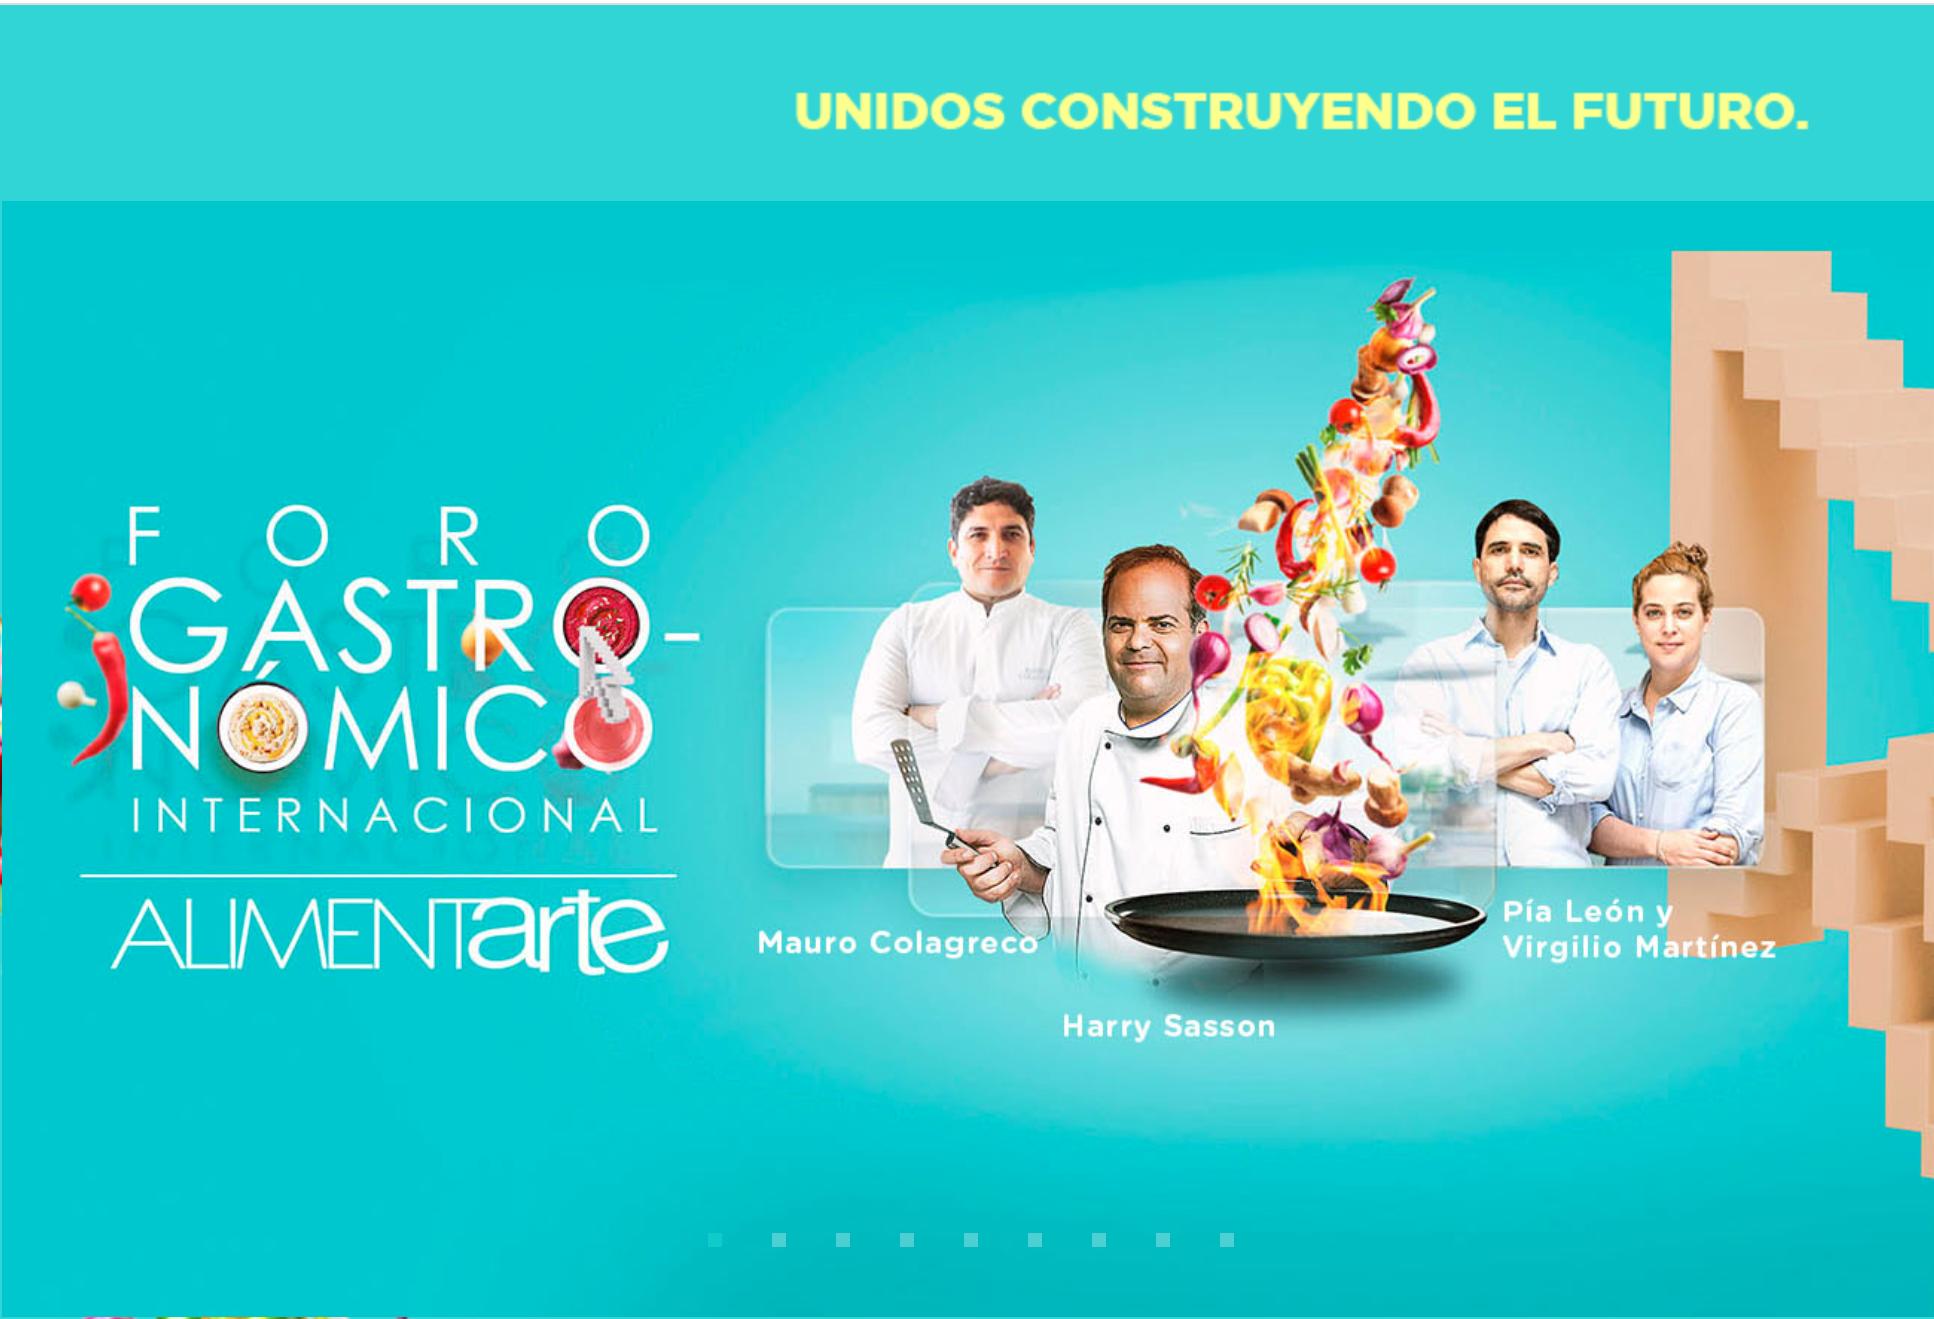 IV. Nazioarteko Gastronomia Foroa: Alimentarte